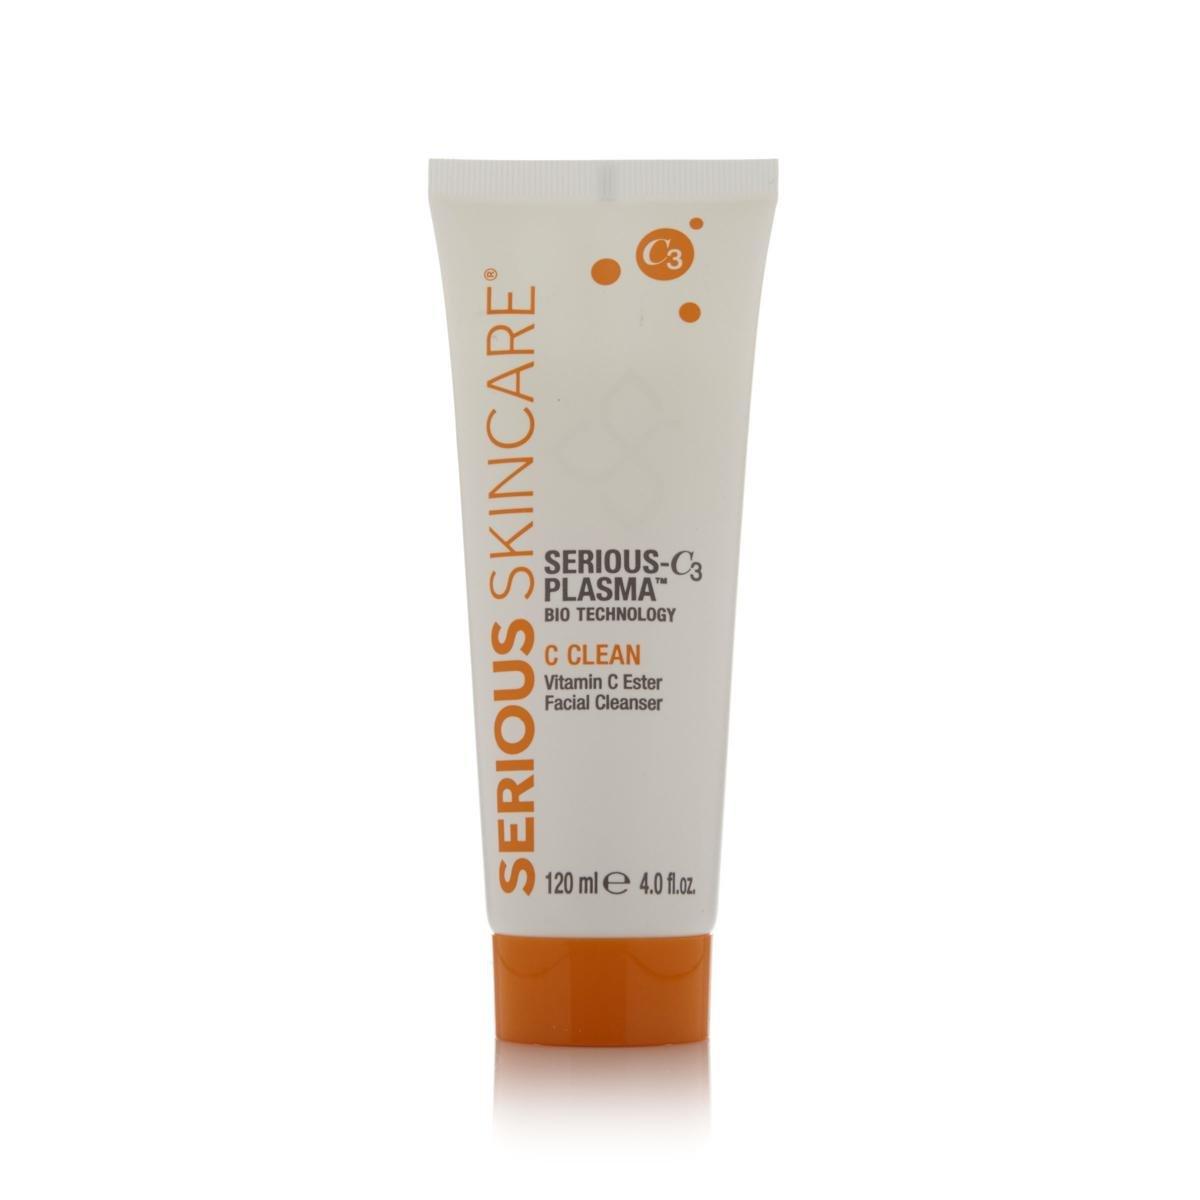 Serious Skincare SERIOUS-C3 PLASMA 4oz. C Clean